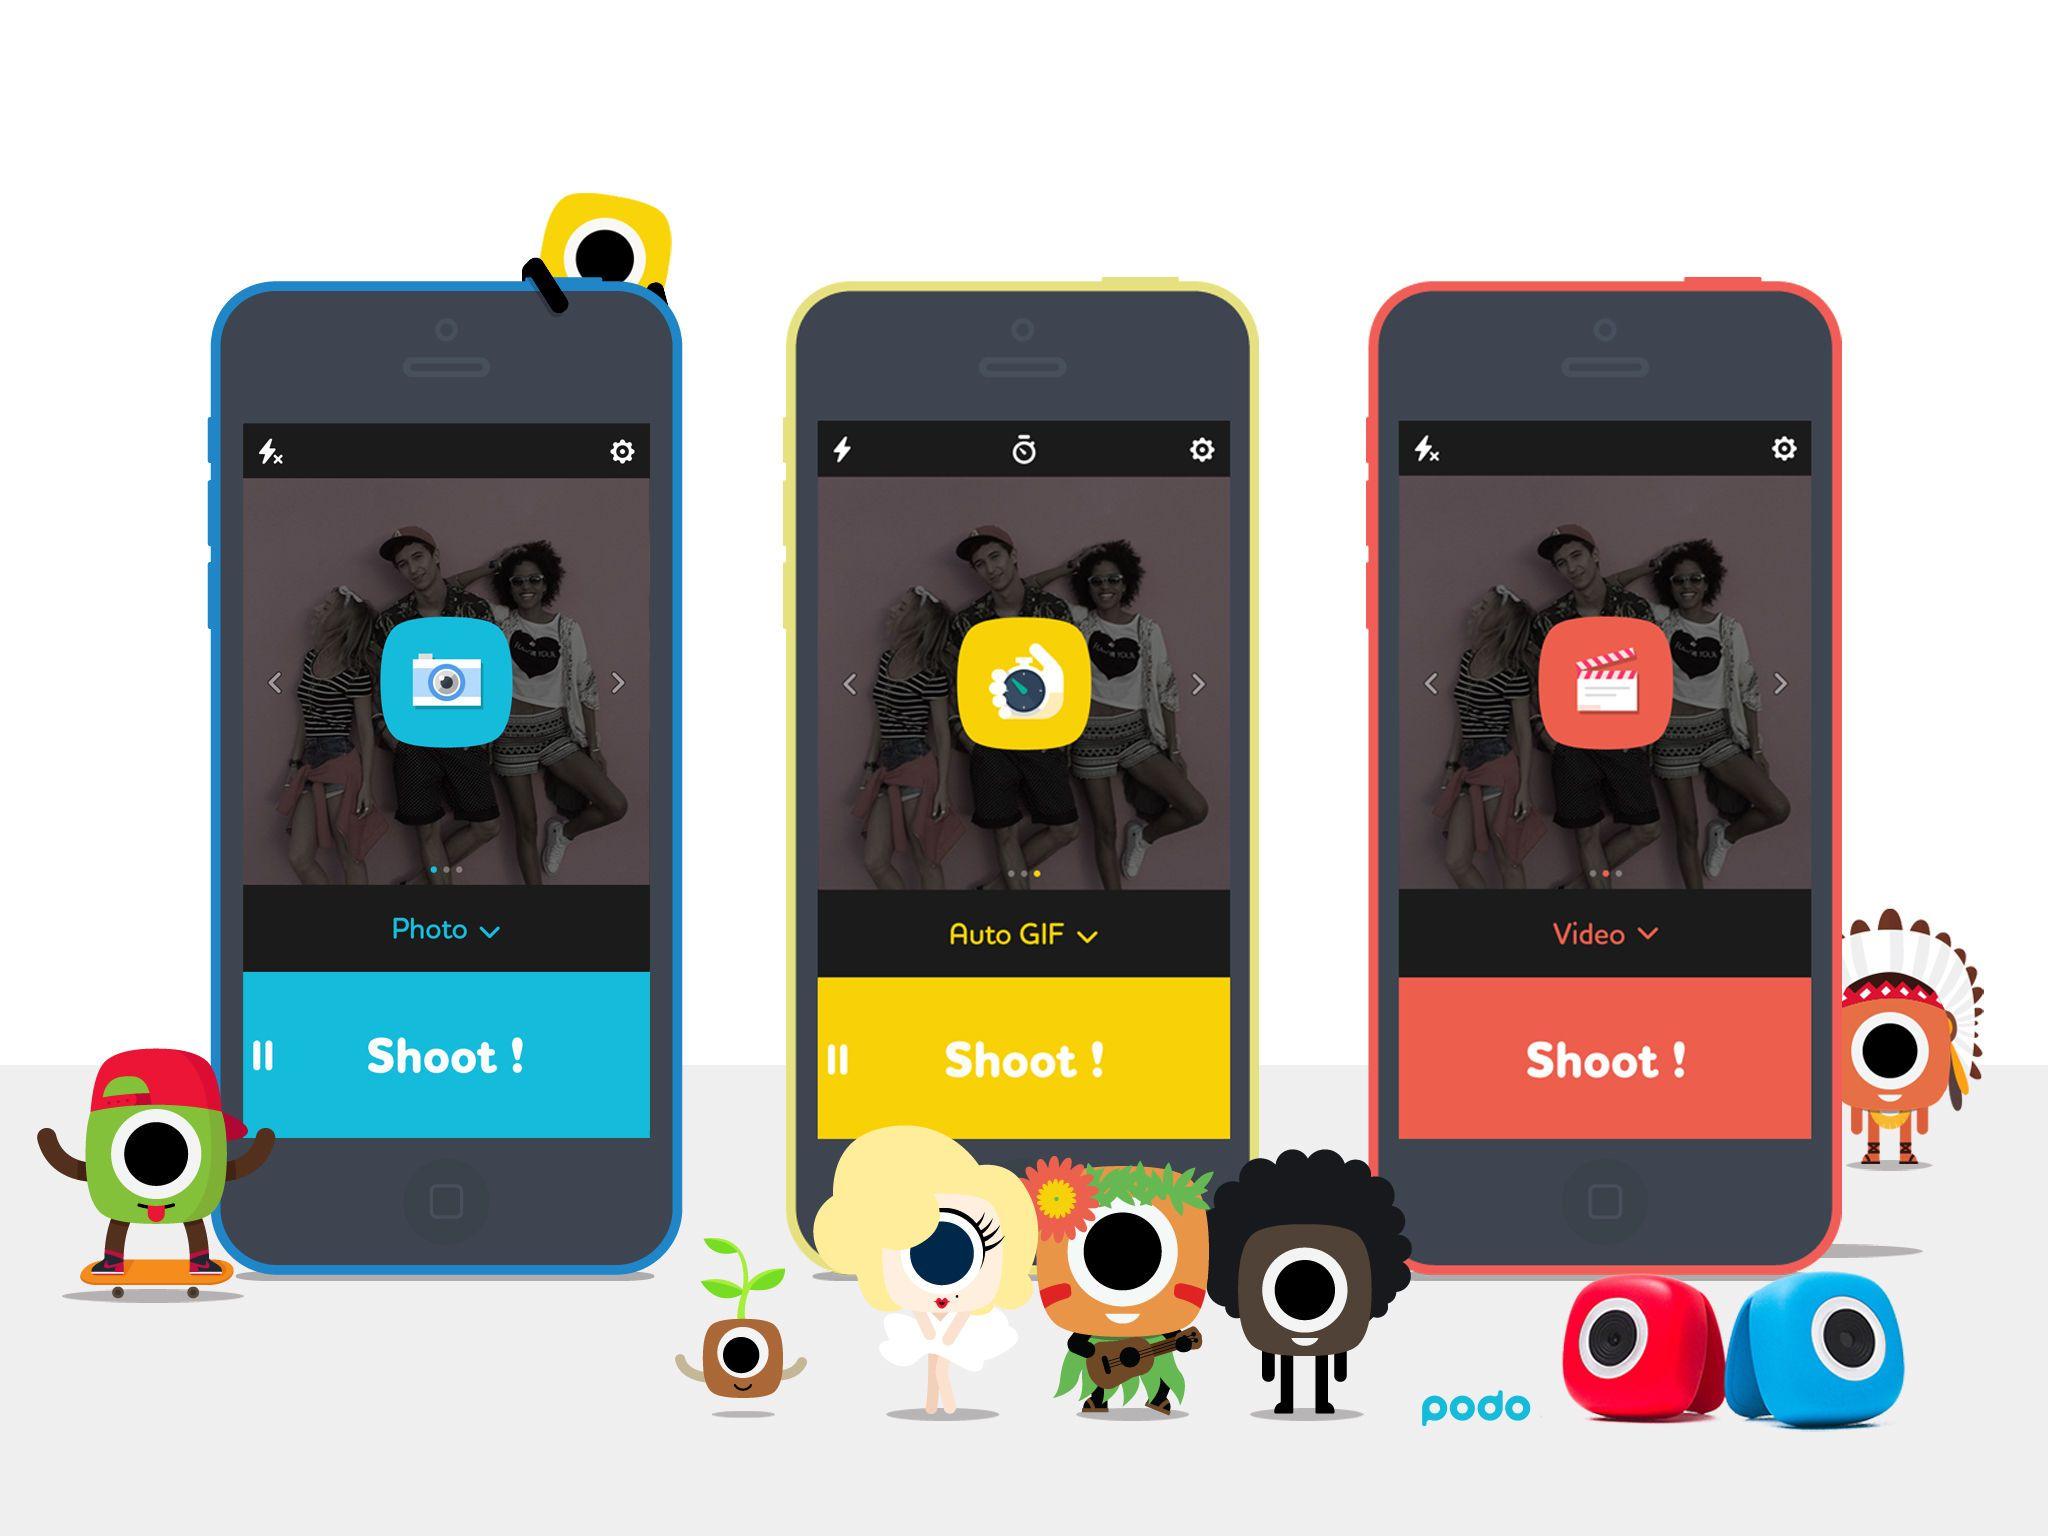 Podo App for Podo Camera Camera, Time lapse photo, App